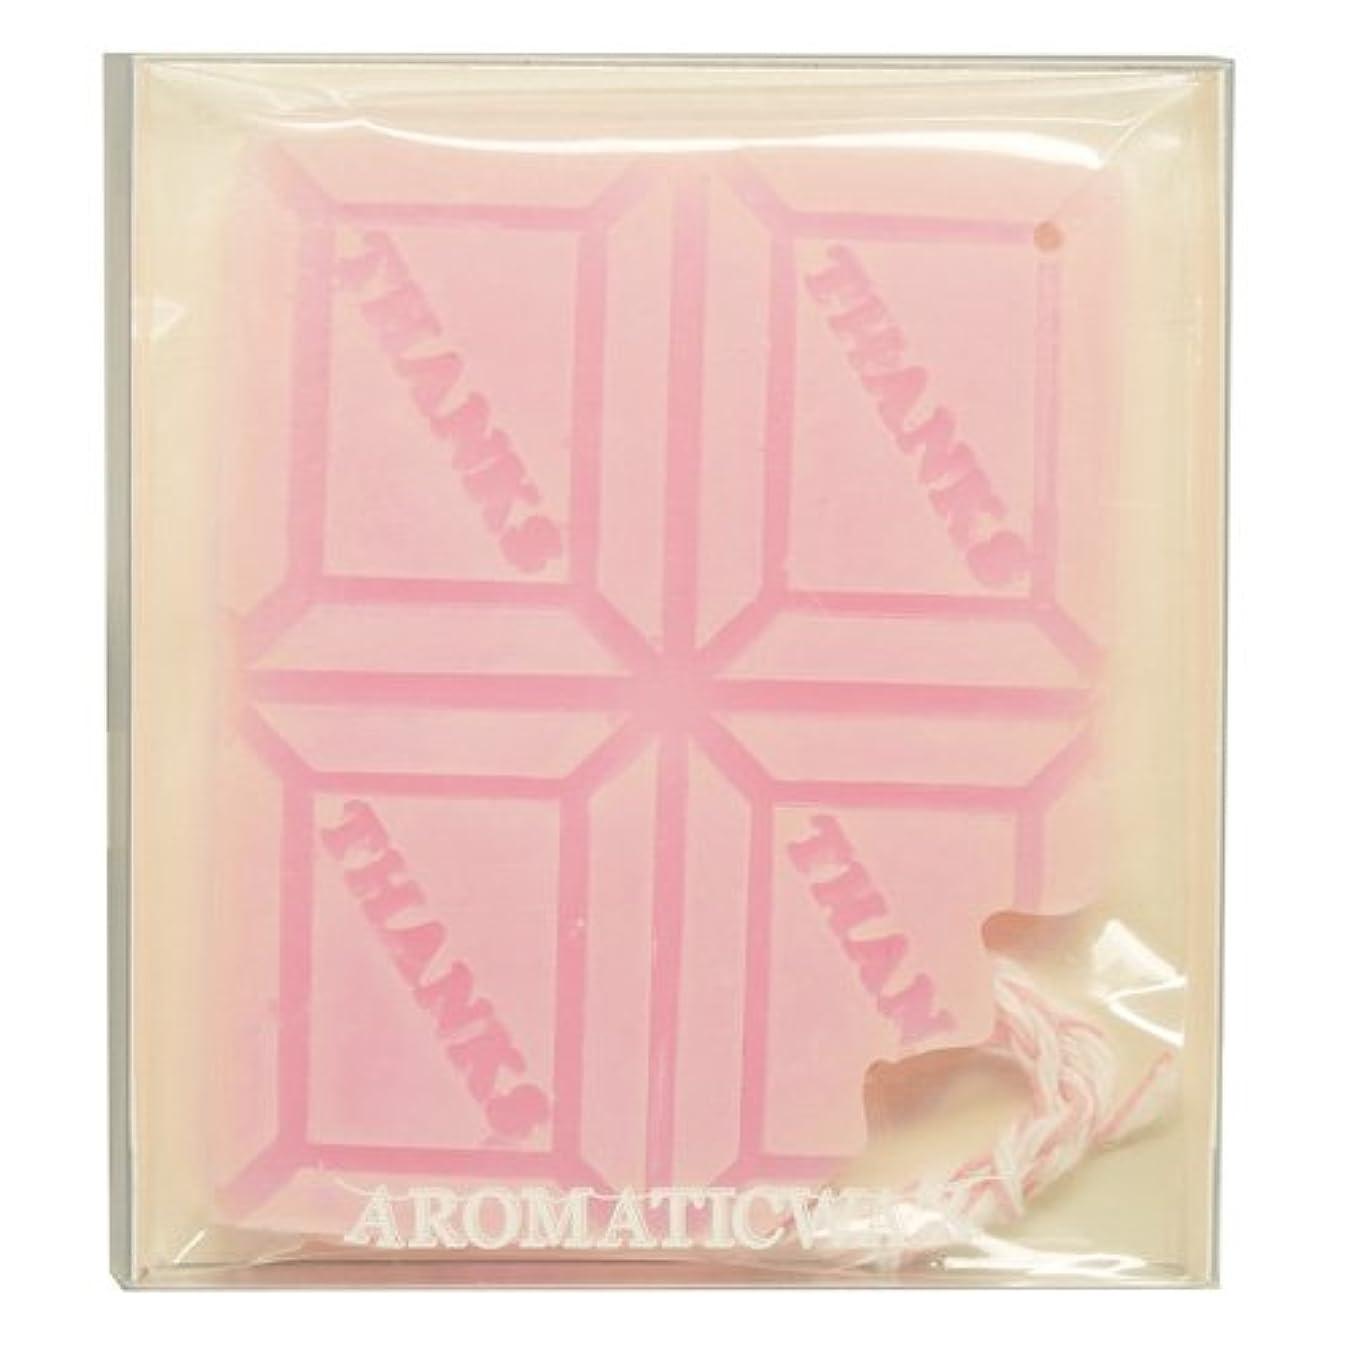 資料昨日精査するGRASSE TOKYO AROMATICWAXチャーム「板チョコ(THANKS)」(PI) ゼラニウム アロマティックワックス グラーストウキョウ